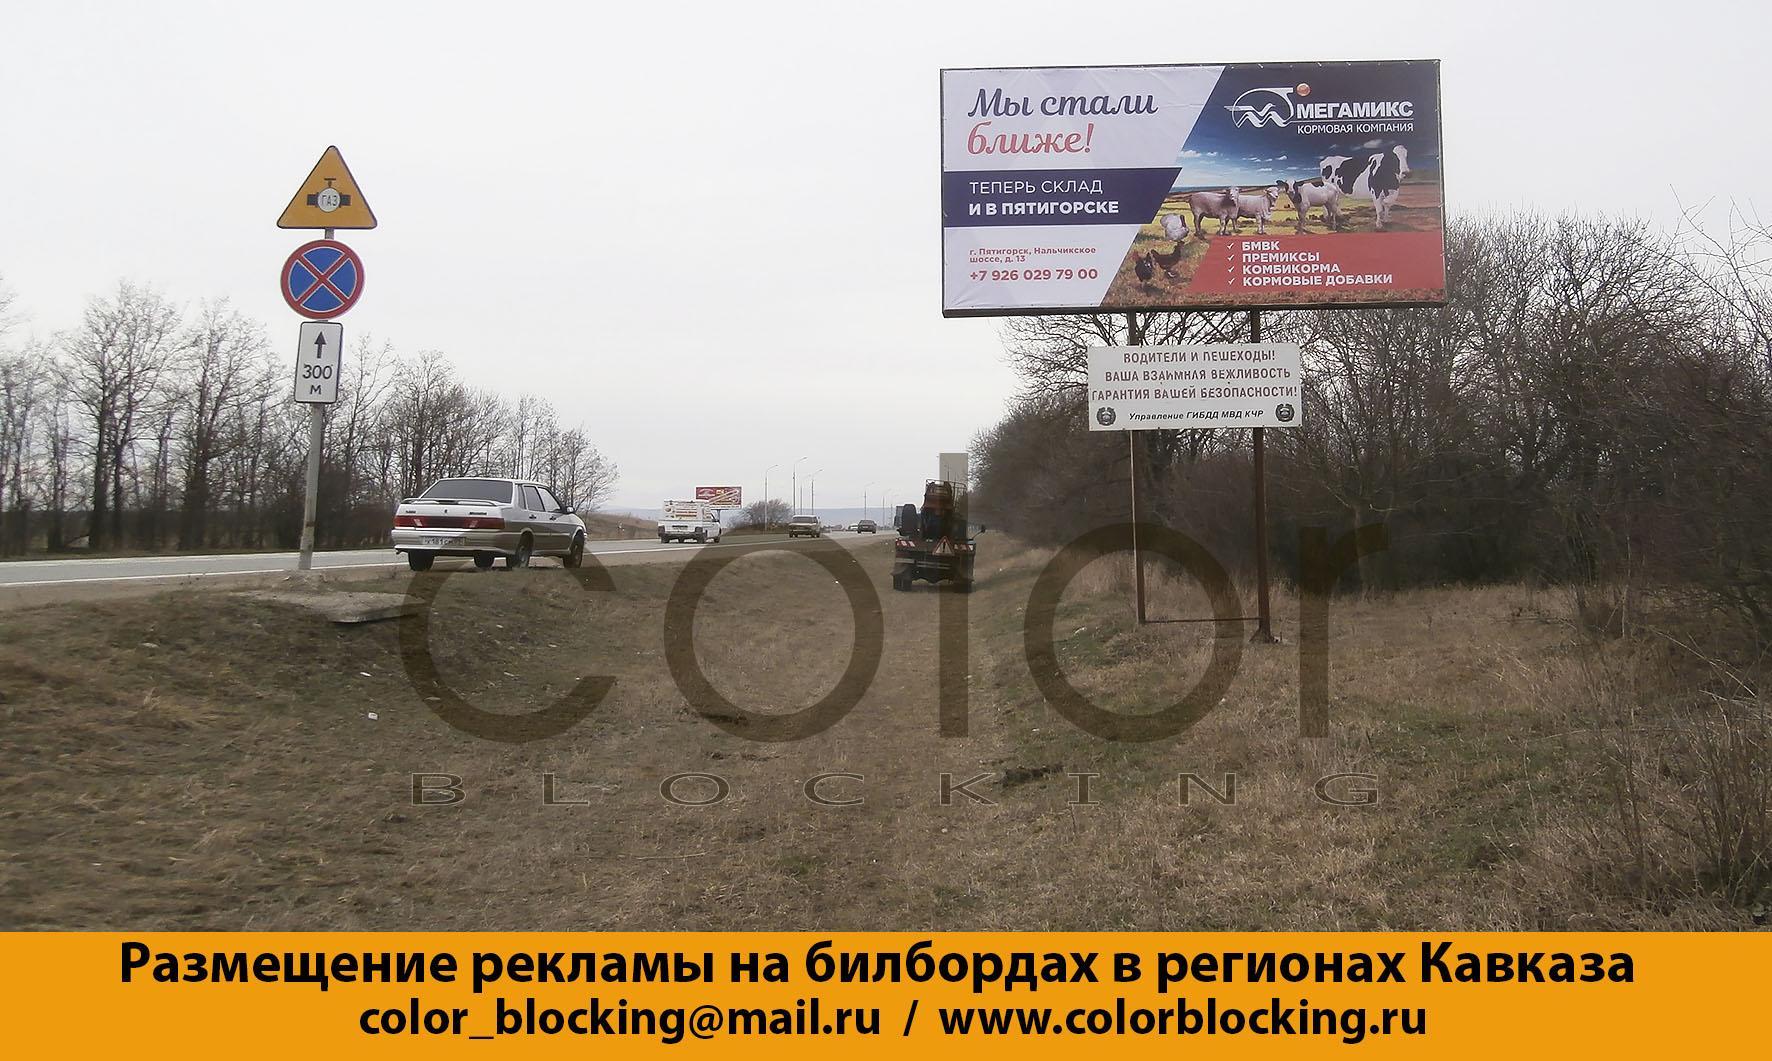 Реклама на билбордах на Кавказе Черкесск